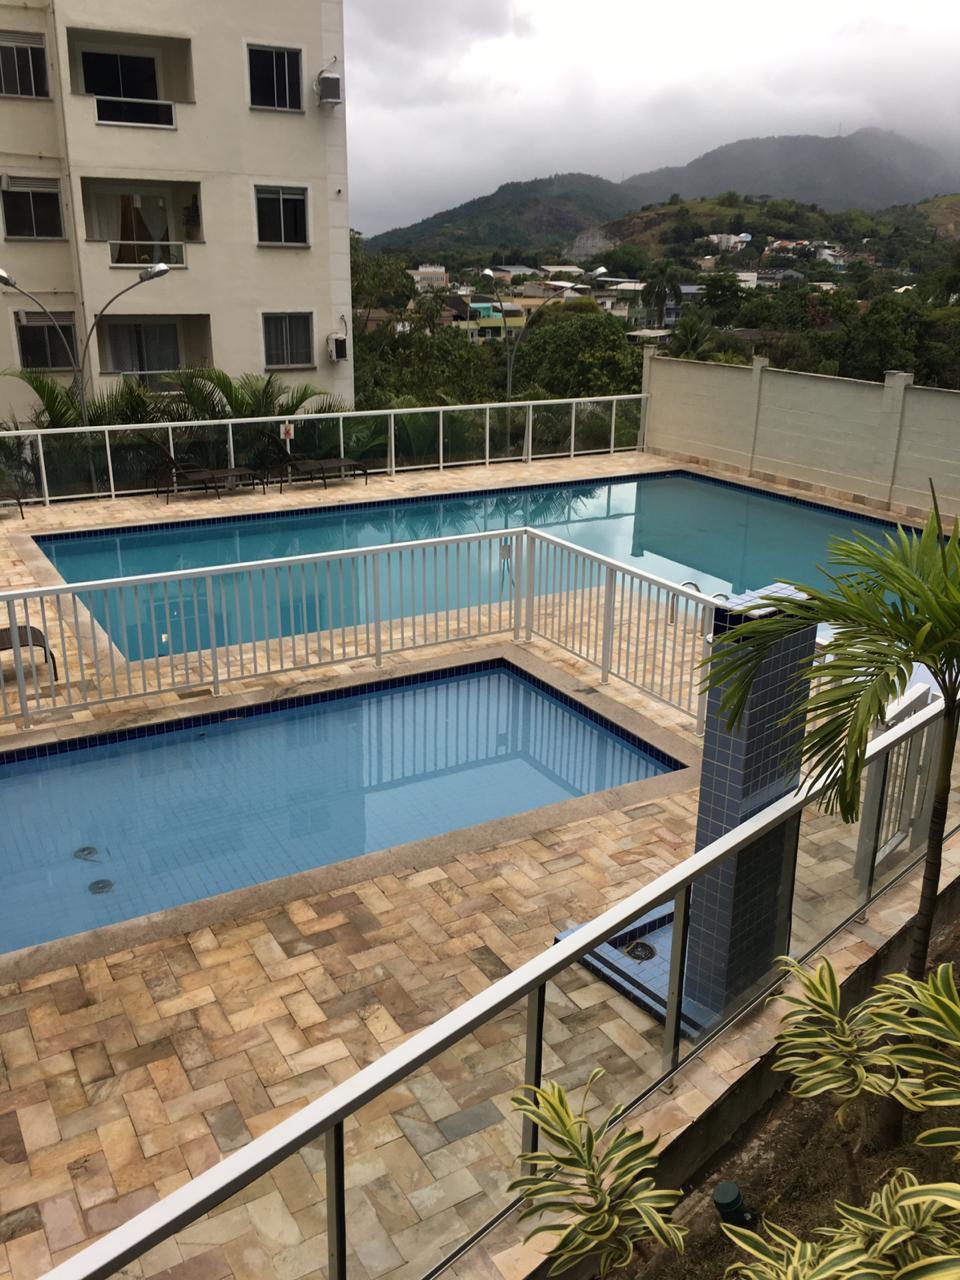 FOTO 16 - Apartamento à venda Estrada Rodrigues Caldas,Taquara, Rio de Janeiro - R$ 255.000 - RF190 - 17